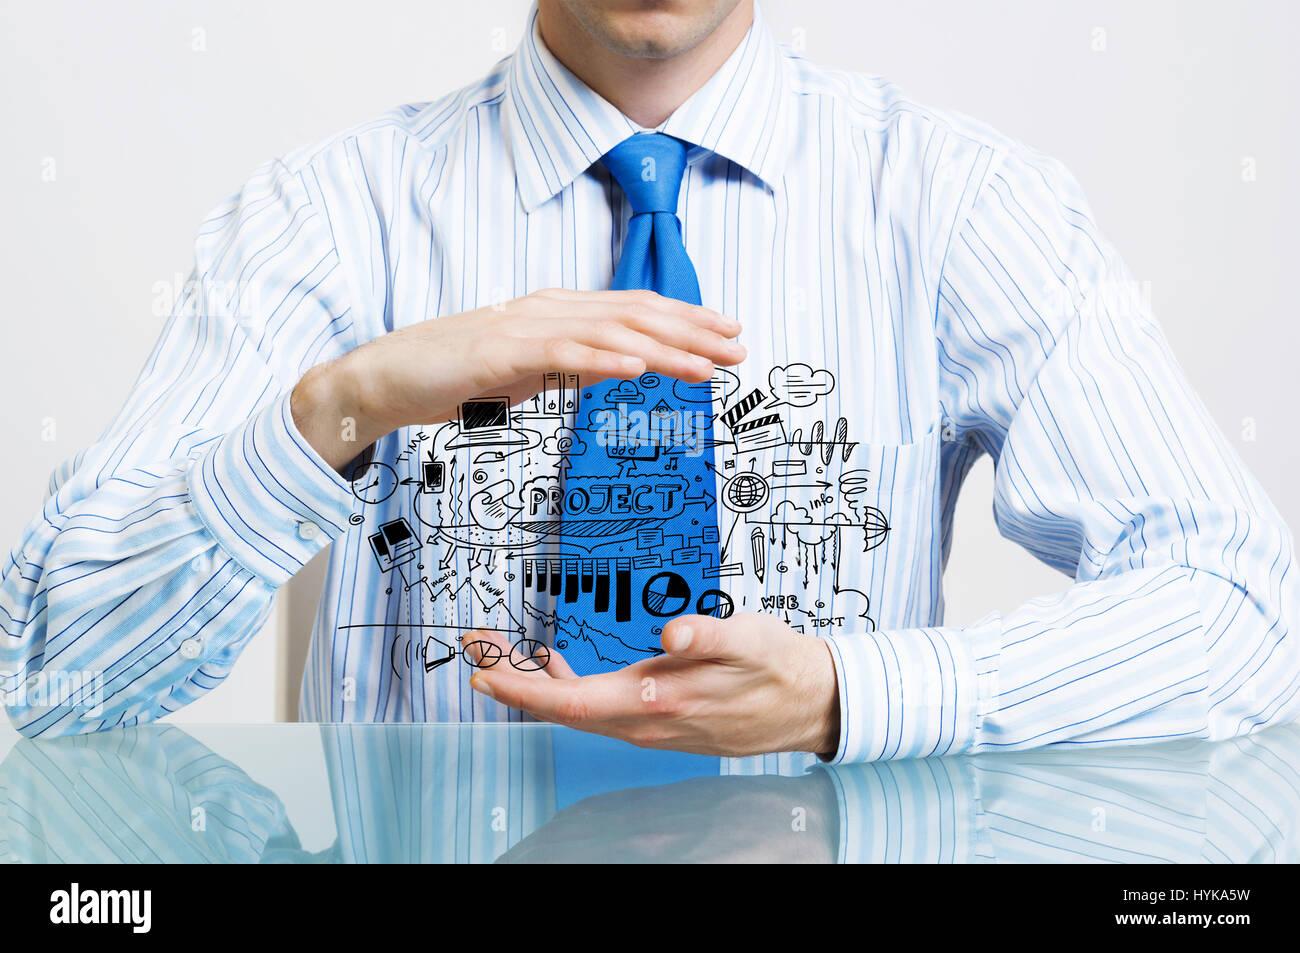 Businessman démontrer son plan d'affaires Banque D'Images